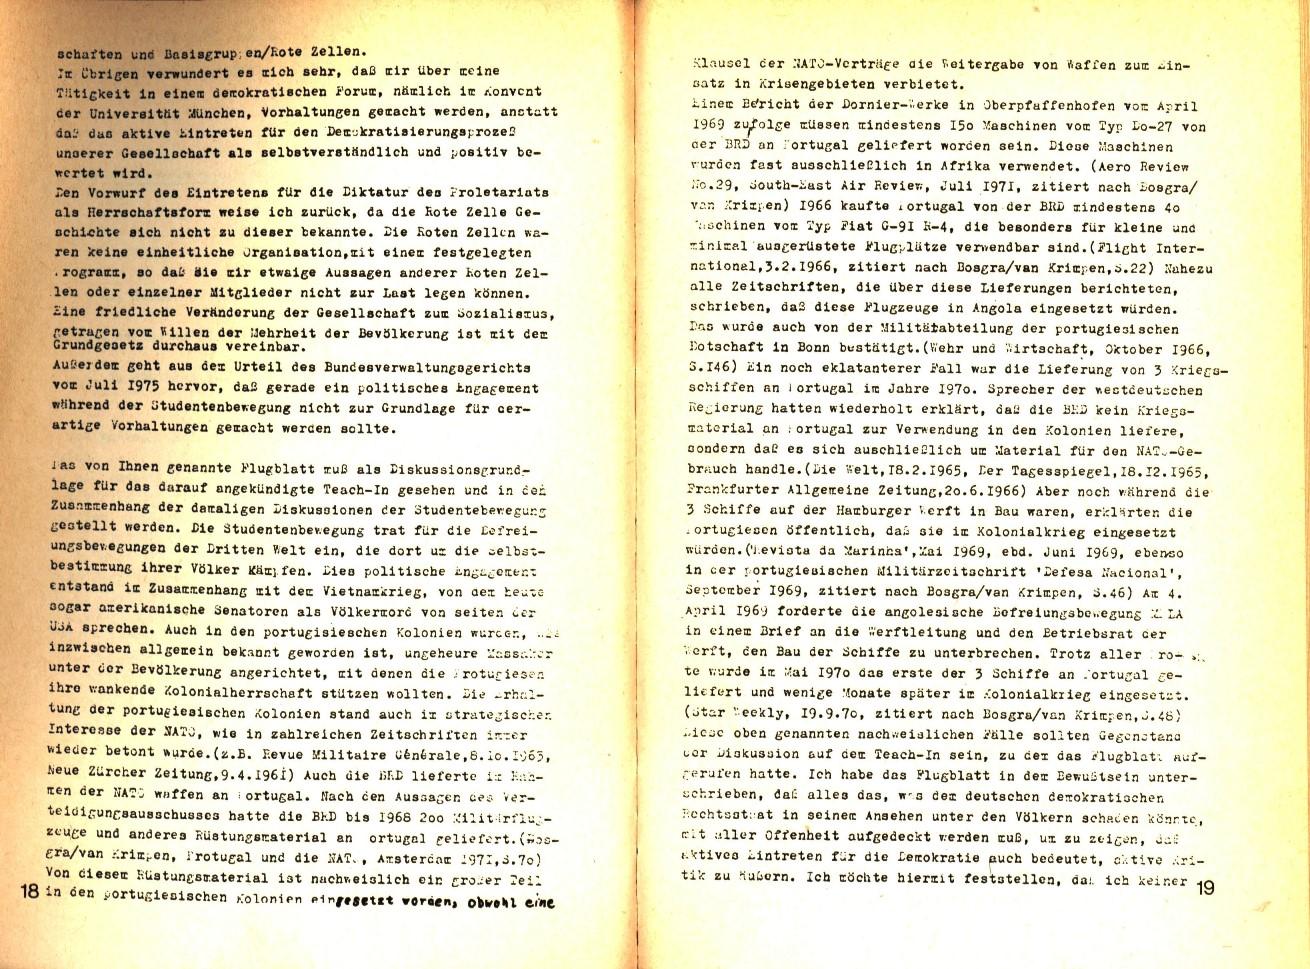 Berlin_VDS_Aktionskomitee_1976_BerufsverboteIII_11